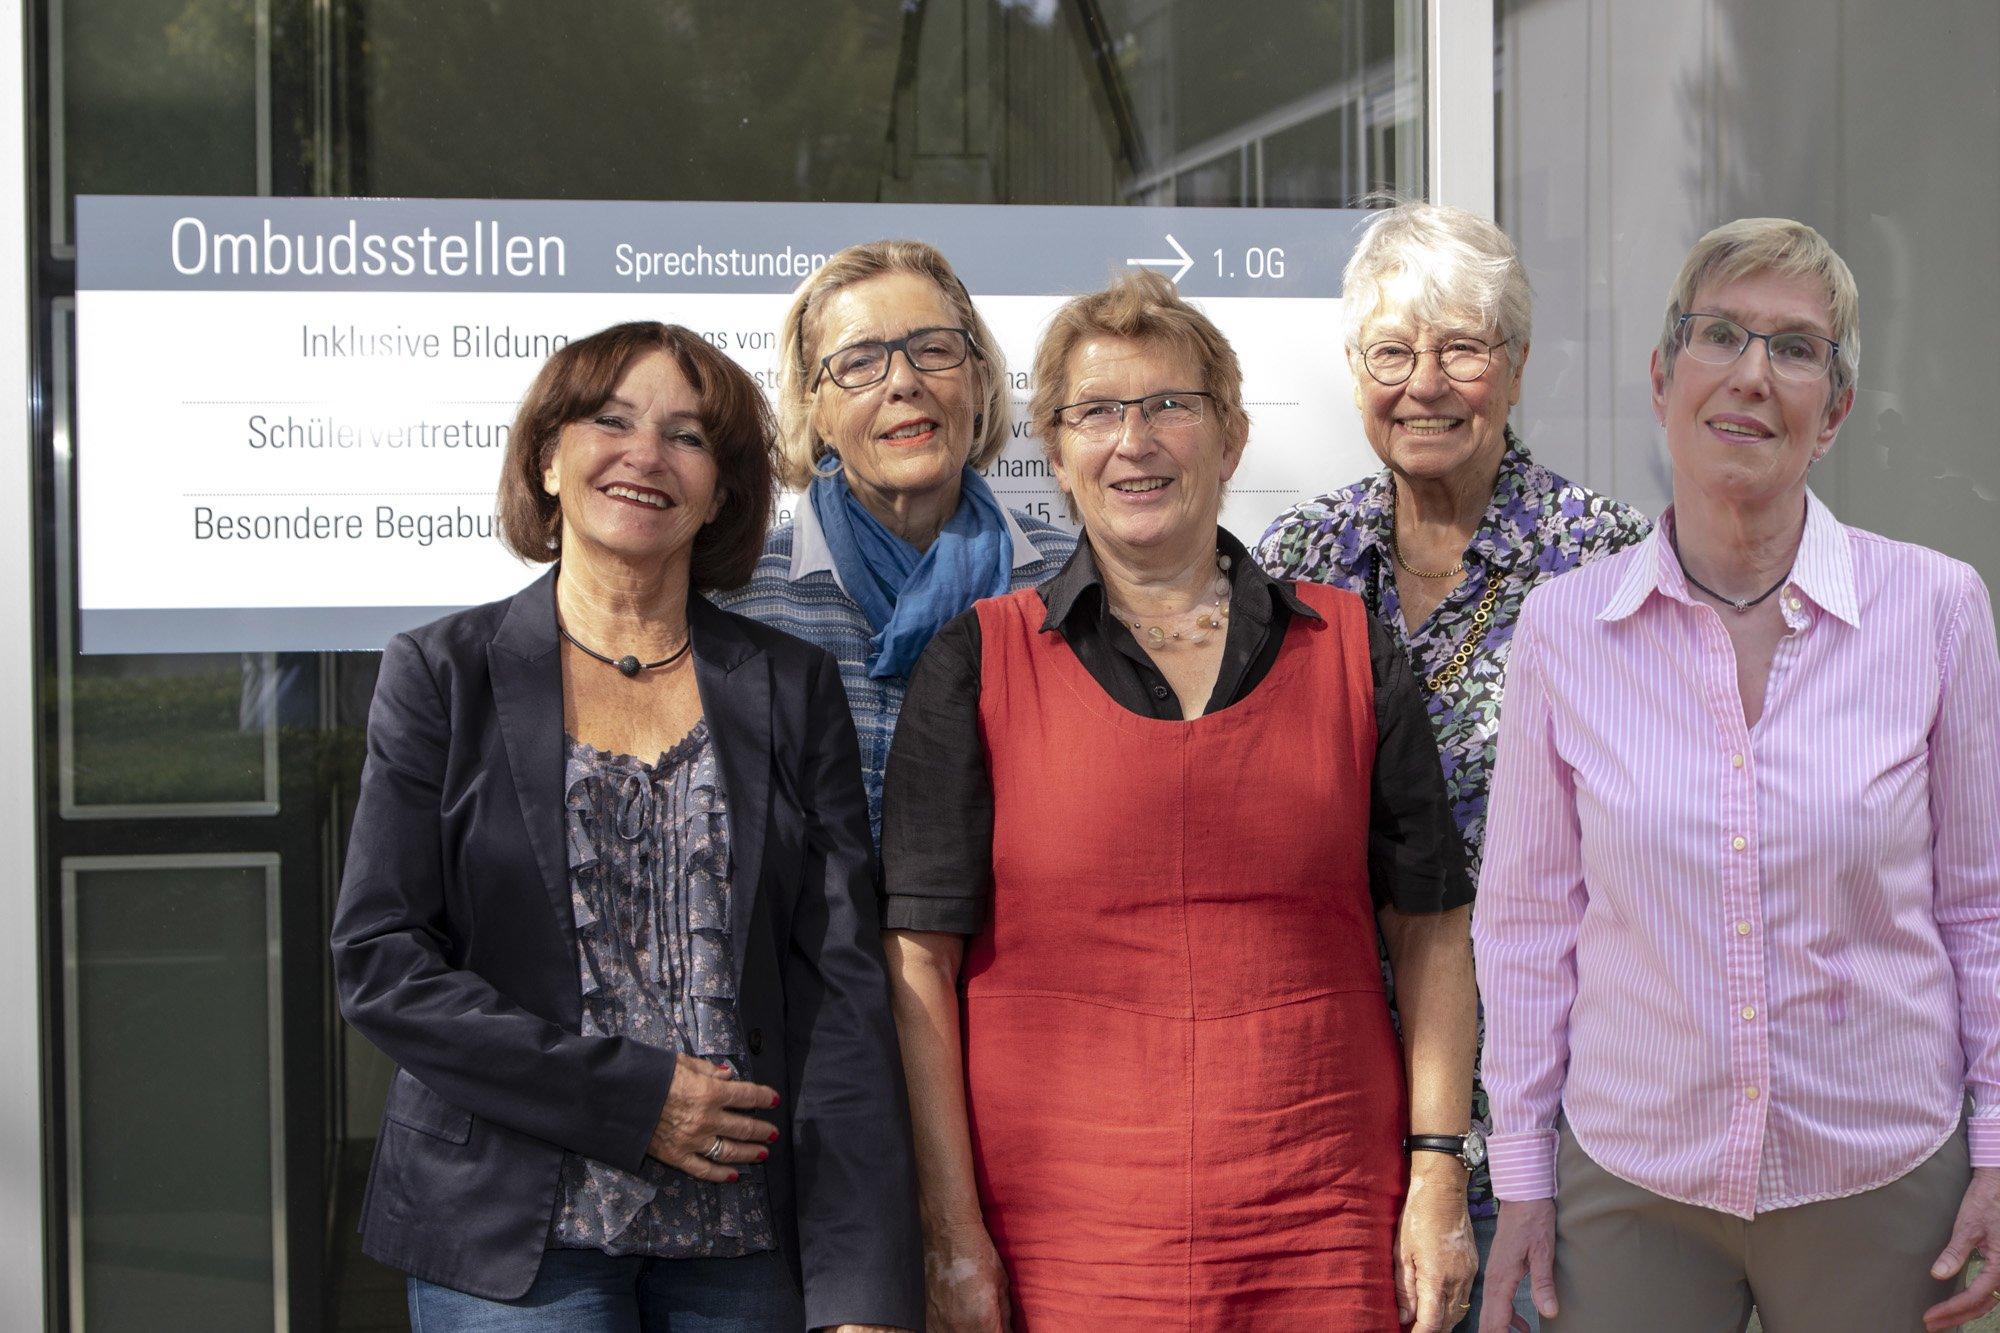 5 Damen von der Ombudsstelle Inklusive Bildung